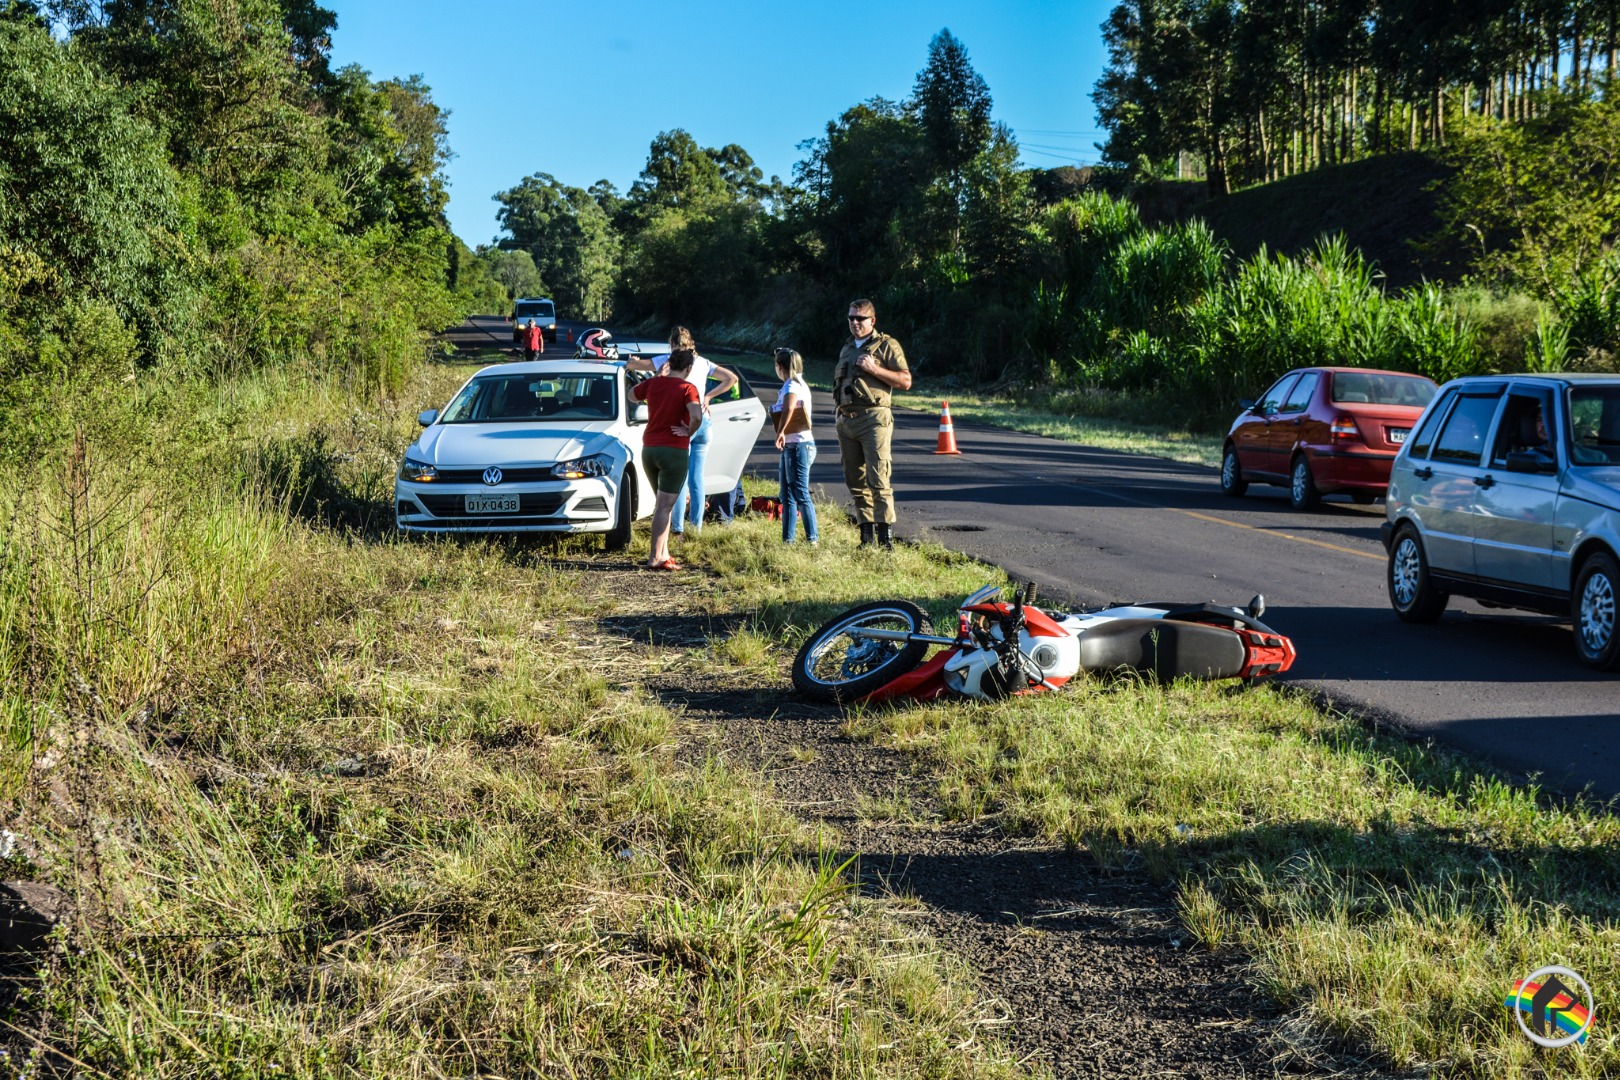 VÍDEO: Jovem sofre ferimentos ao cair de moto na BR-163